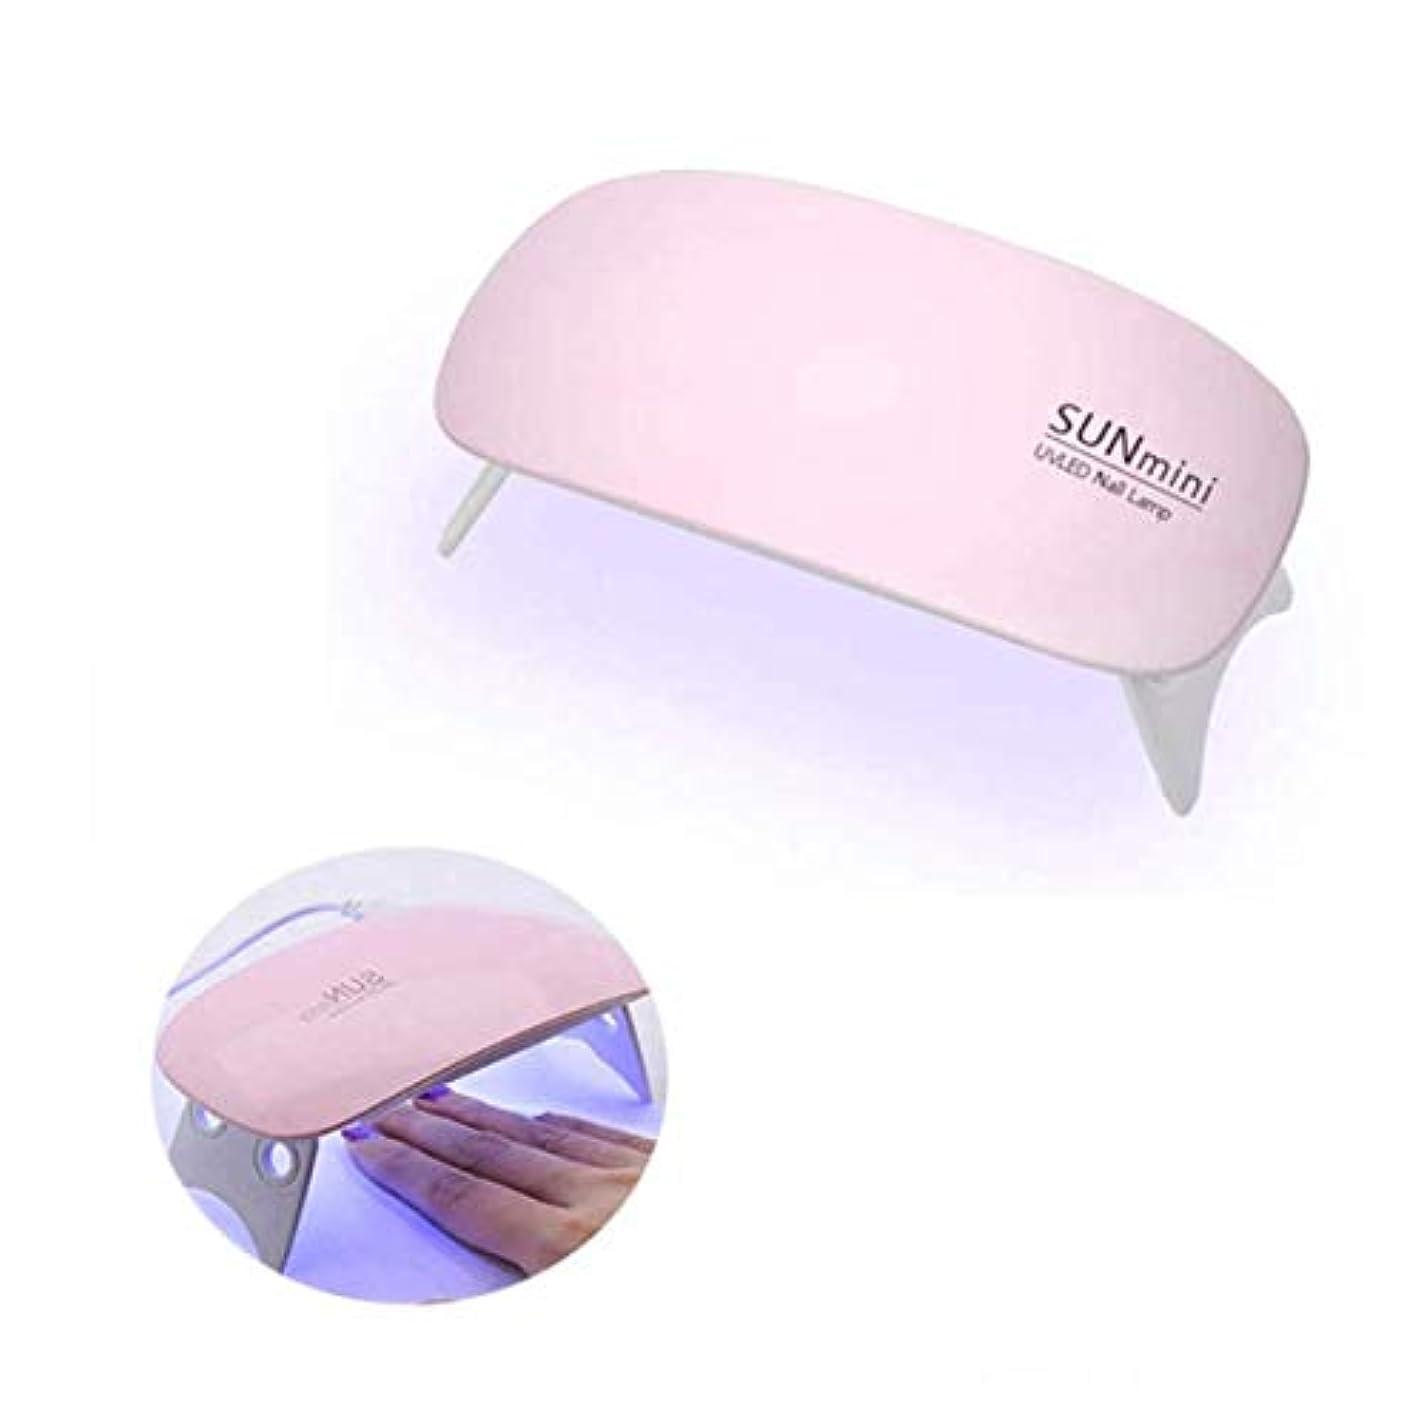 お尻優遇毎日LEDネイルドライヤー 凝胶美甲灯 UVライト 折りたたみ式 設定可能 タイマー LED 硬化ライト 樹脂の道具 ピンク